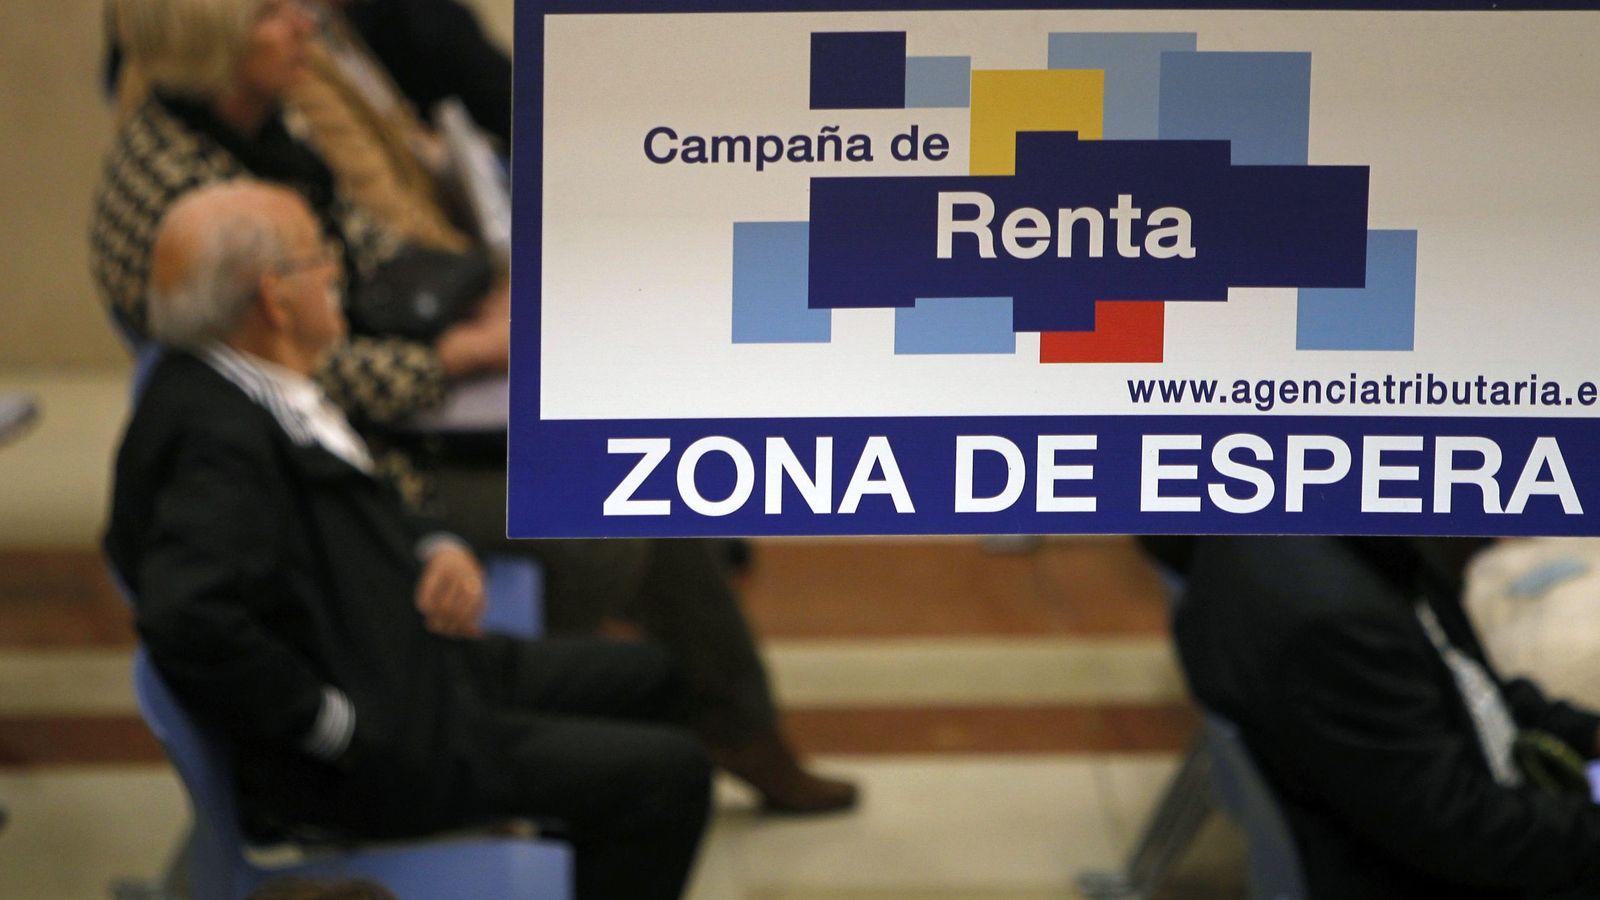 Foto: La campaña de la declaración de la renta cerró el pasado 2 de julio. Ahora es el turno de pagar el segundo plazo. (EFE)